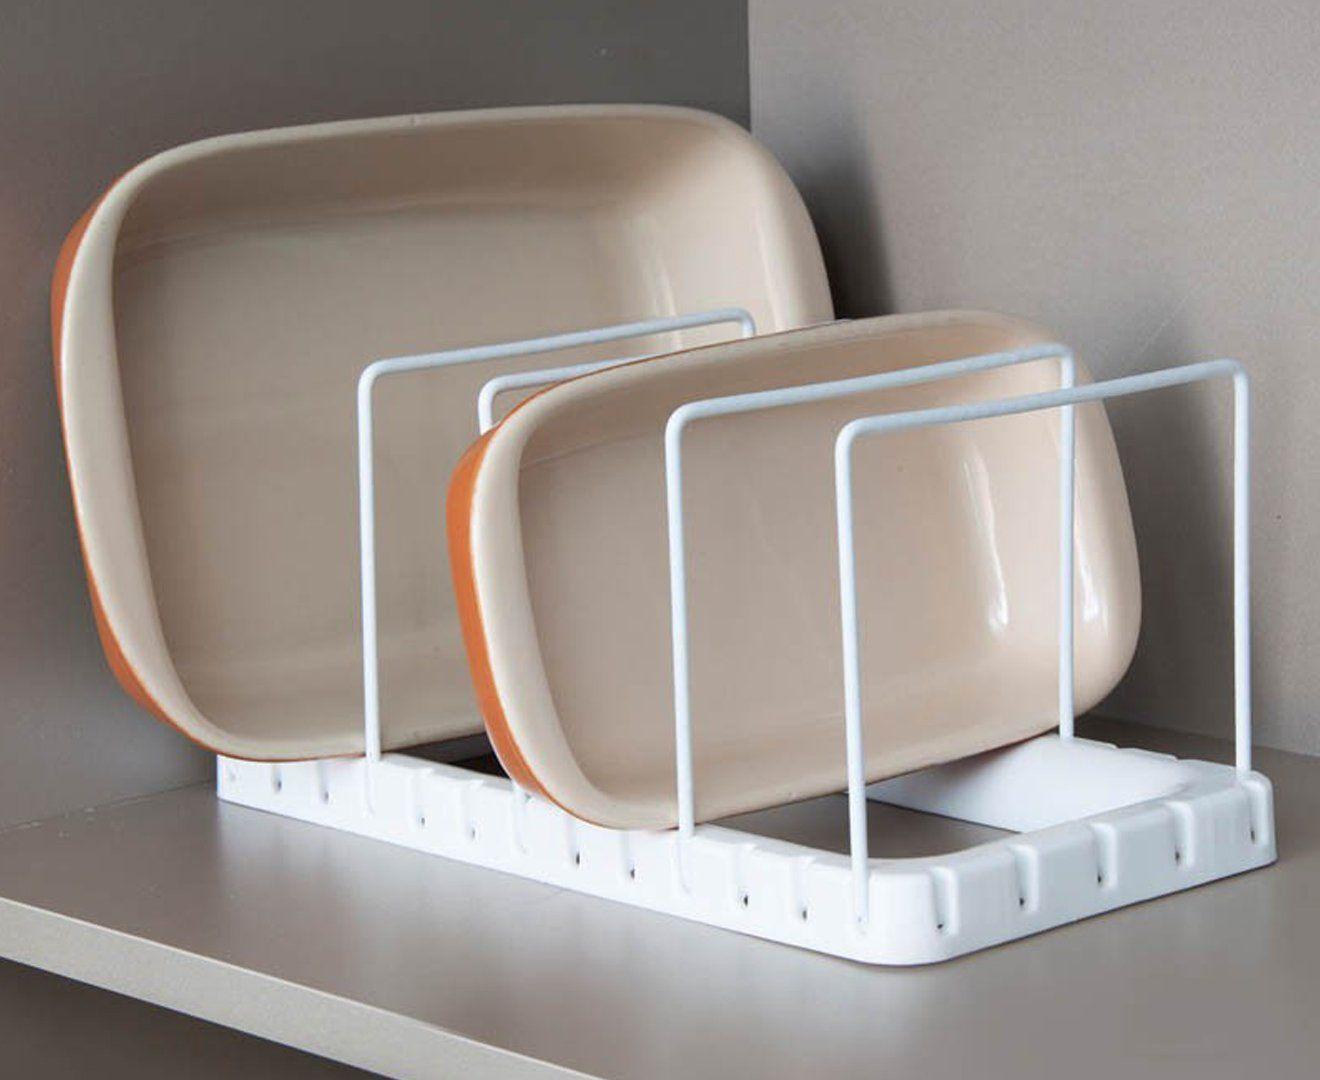 Organizador de formas - Branco - Mantenha sua formas e travessas sempre organizadas! - Cozinha